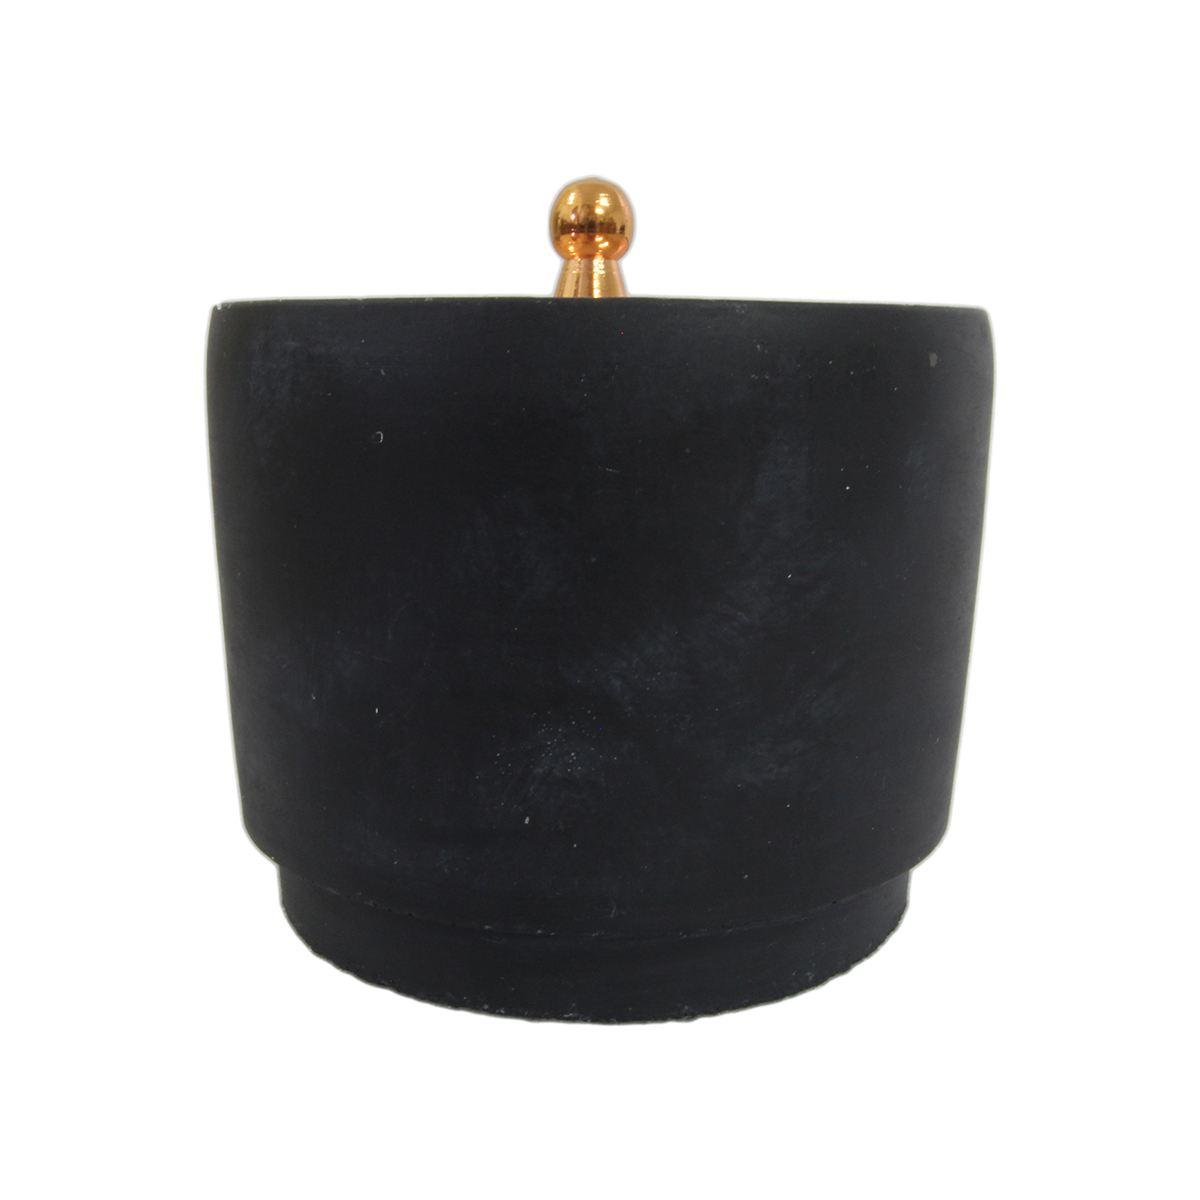 Pote de cimento rústico preto e tampa cobre 13,5x12,8cm BTC